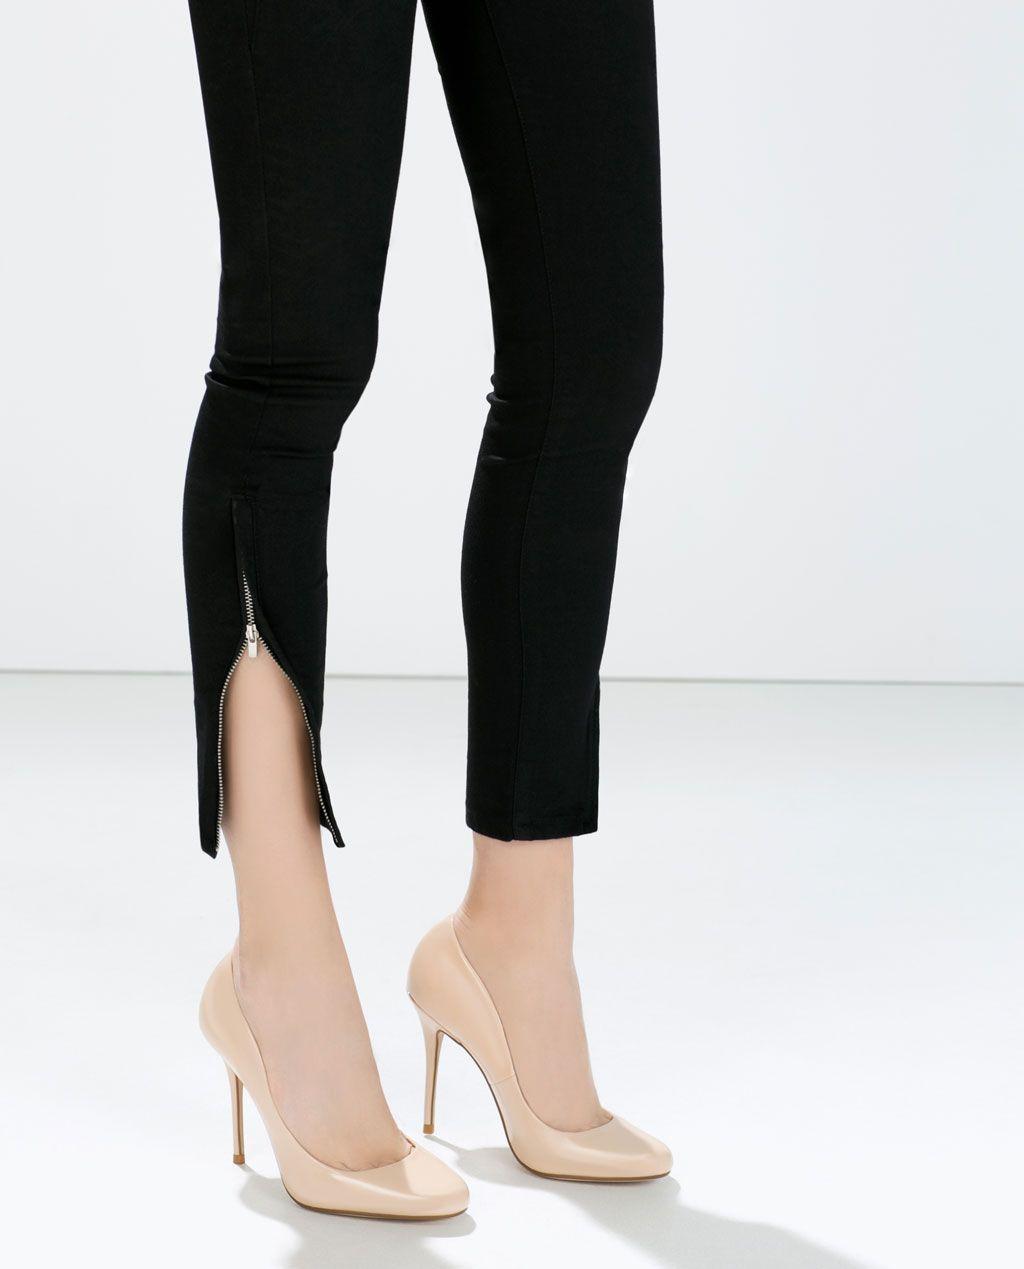 e531d6d19b0 FAUX PATENT LEATHER HIGH HEEL COURT SHOE-Shoes-Woman-SHOES  amp  BAGS